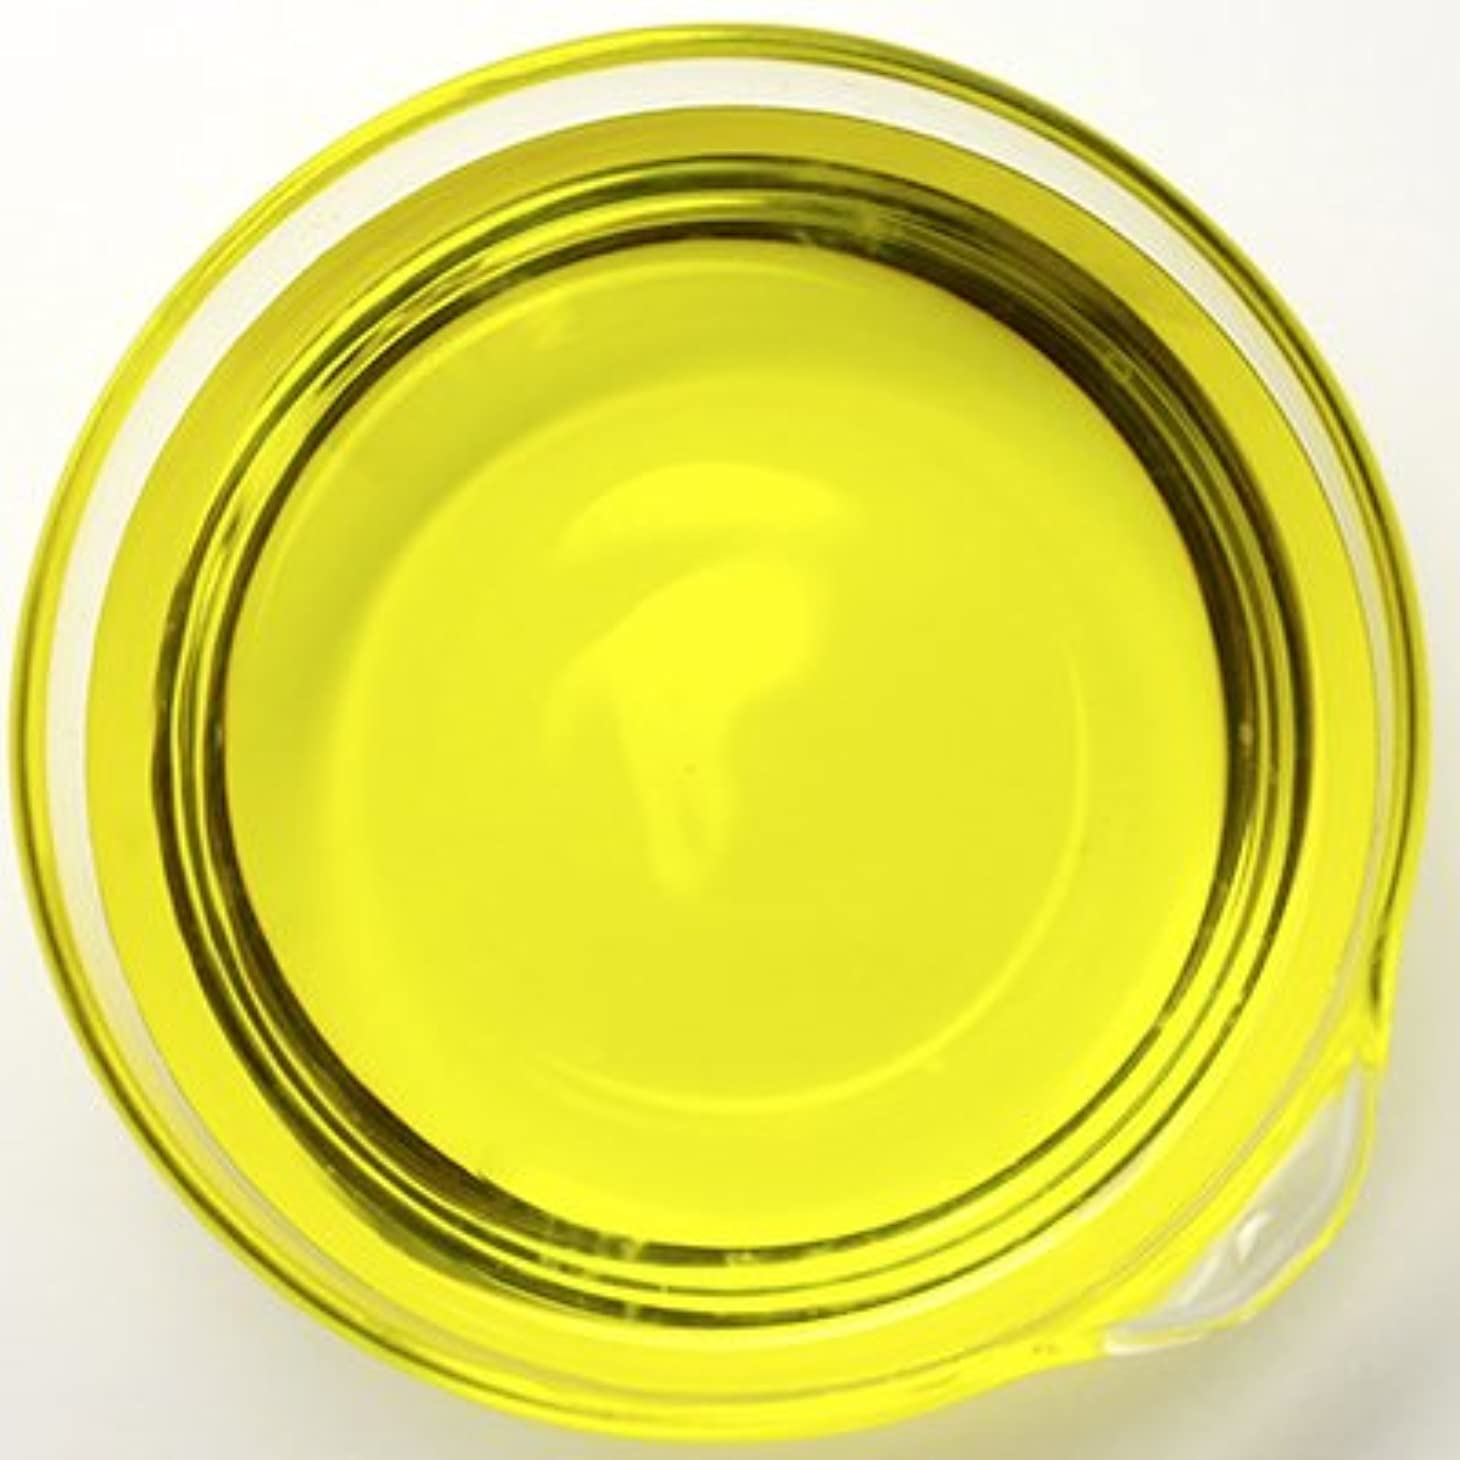 中庭番目慣らすオーガニック ボリジオイル [ボラージオイル] 500ml 【ルリヂシャ油/手作りコスメ/美容オイル/キャリアオイル/マッサージオイル】